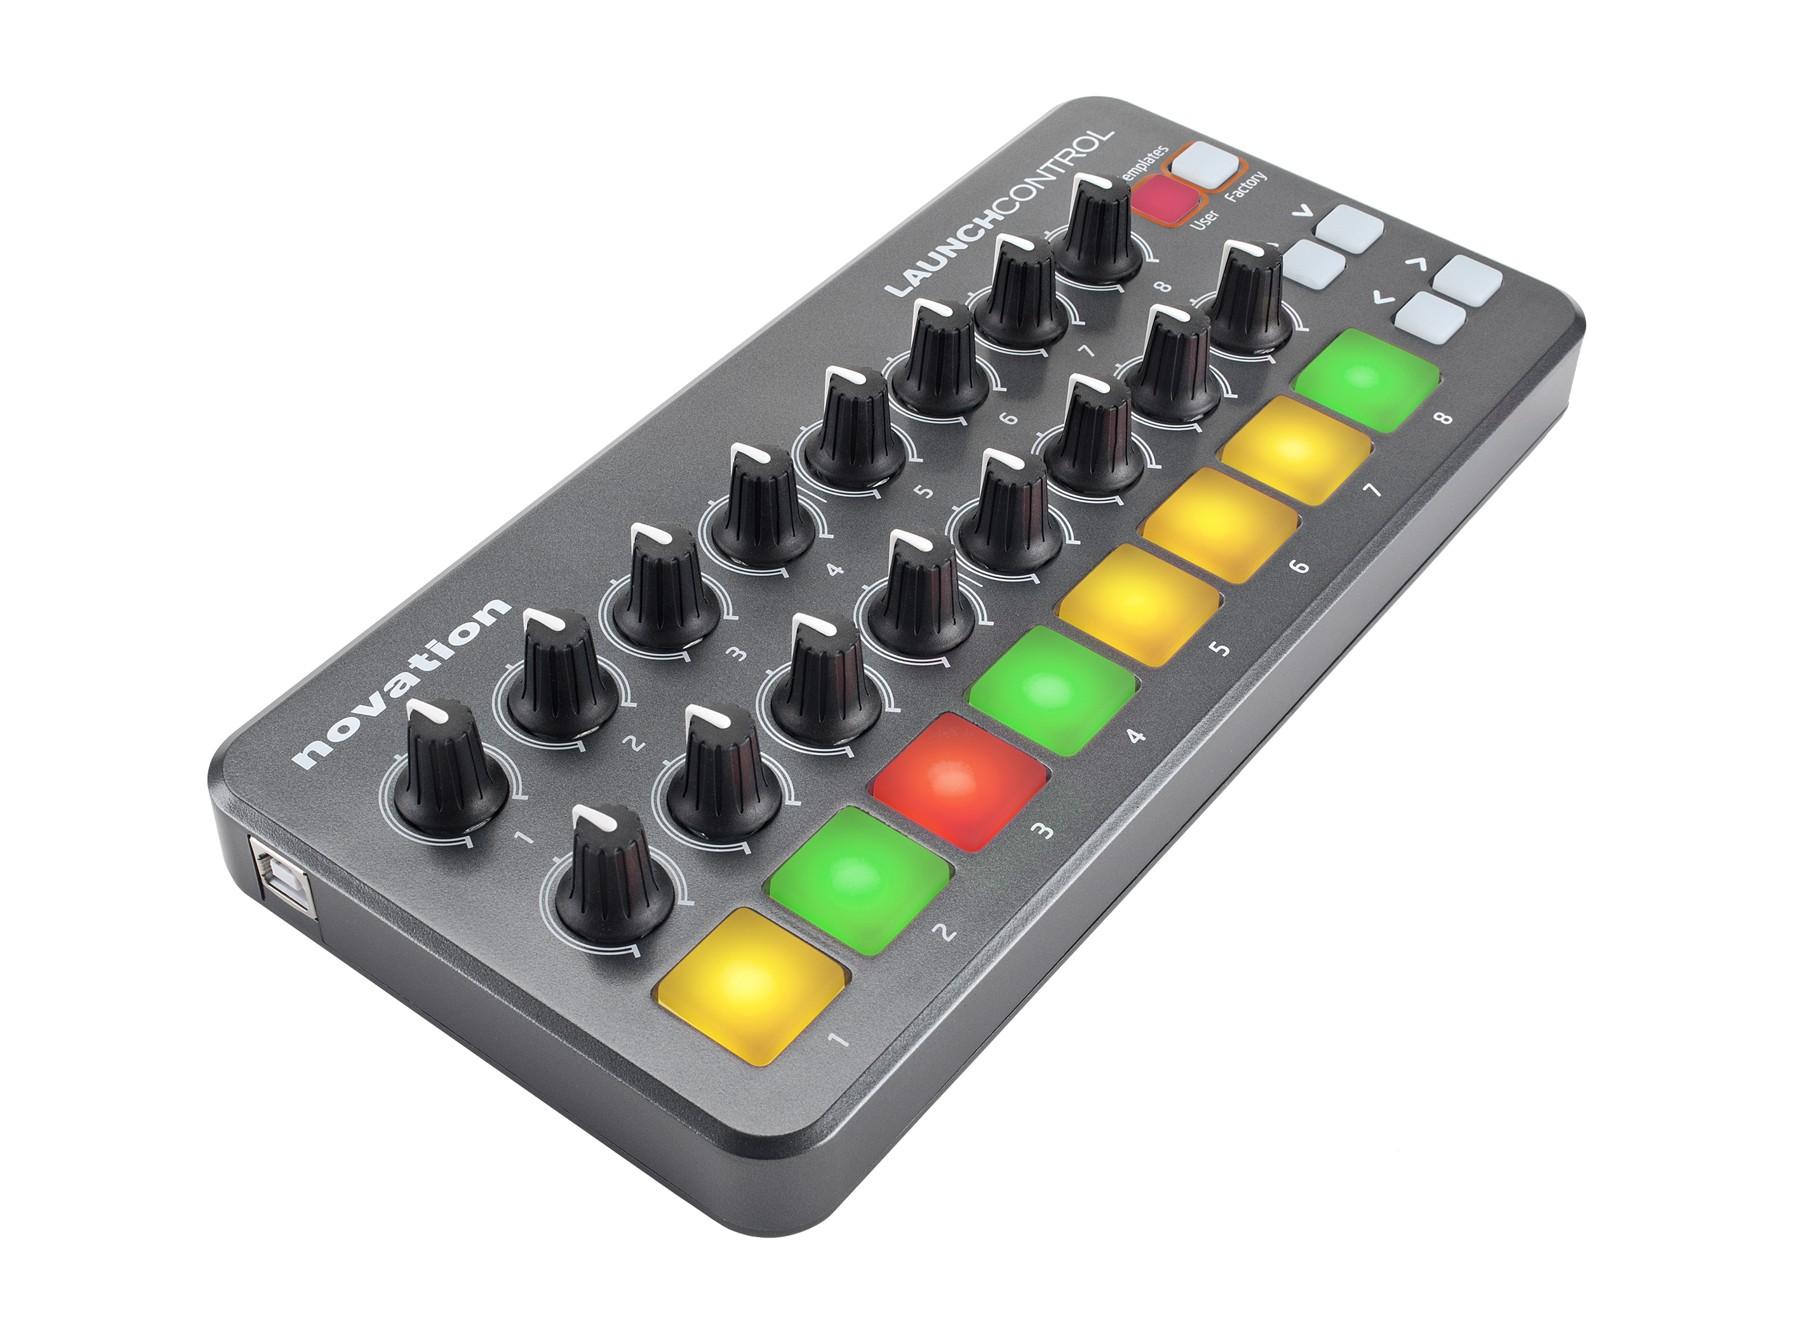 Midi Devices Full Control : launchcontrol midi devices vvvv ~ Vivirlamusica.com Haus und Dekorationen